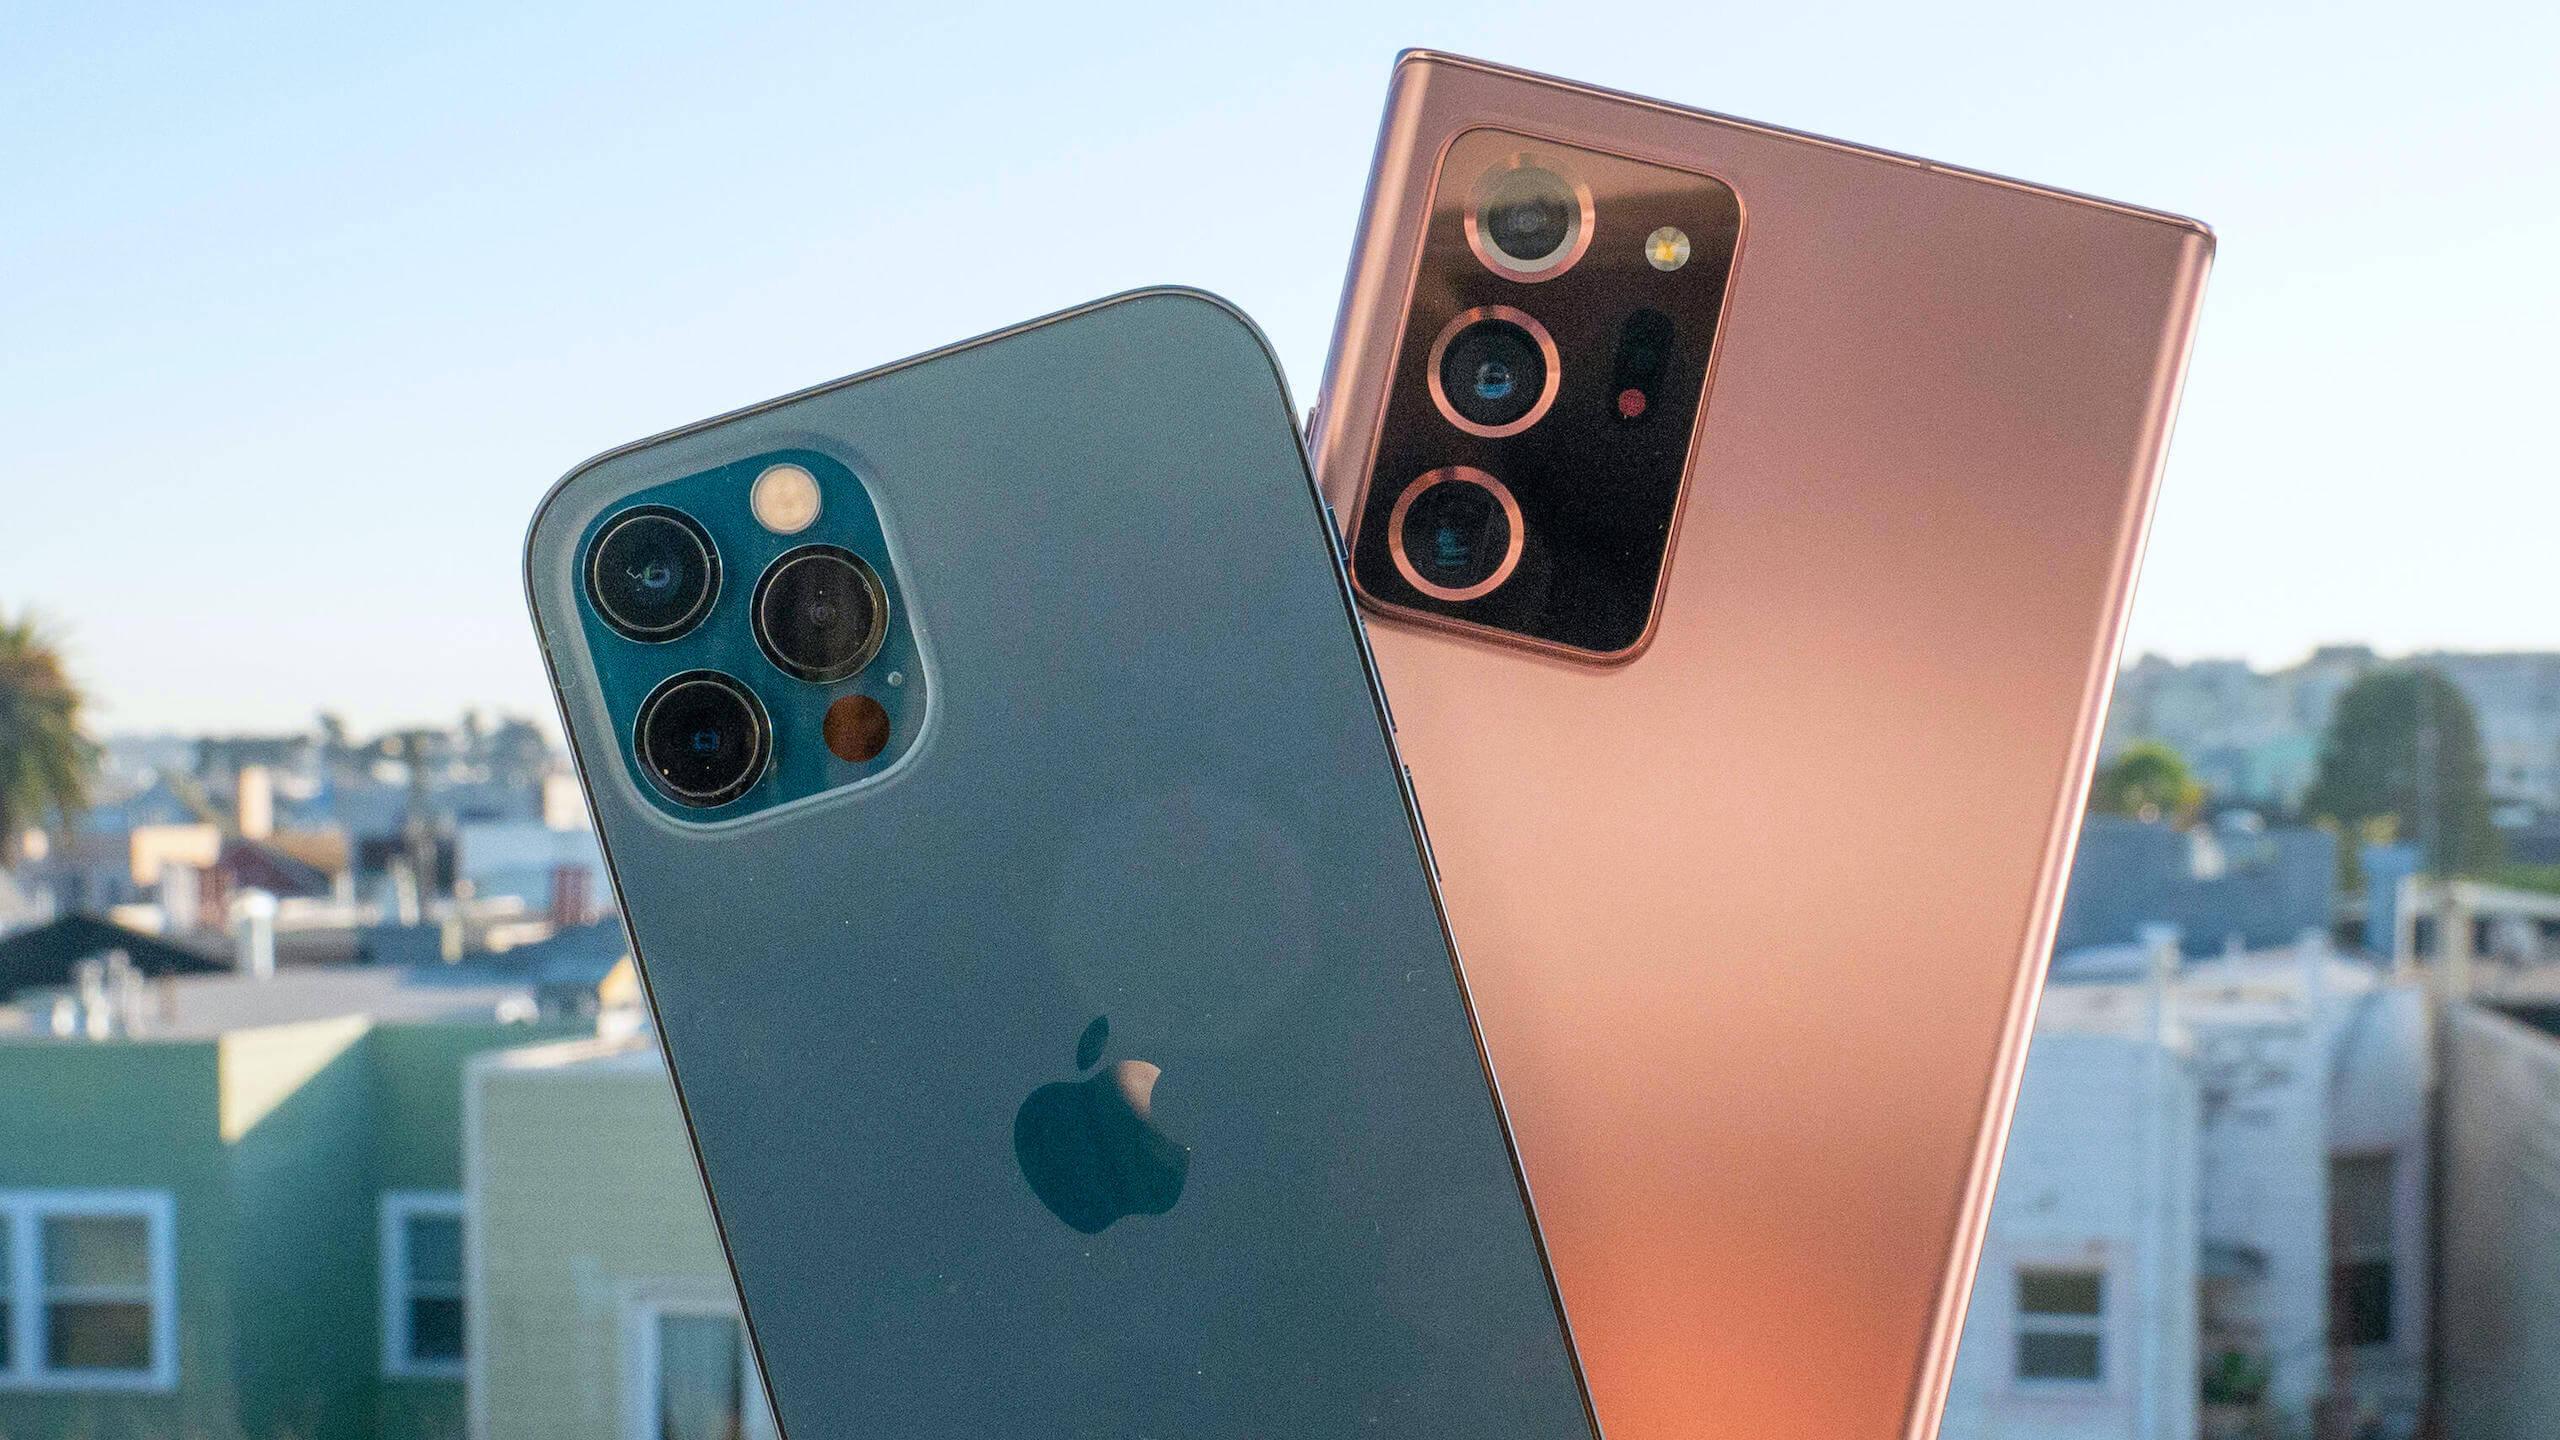 ТОП-10 лучших смартфонов за осень 2020 года по версии Роскачества